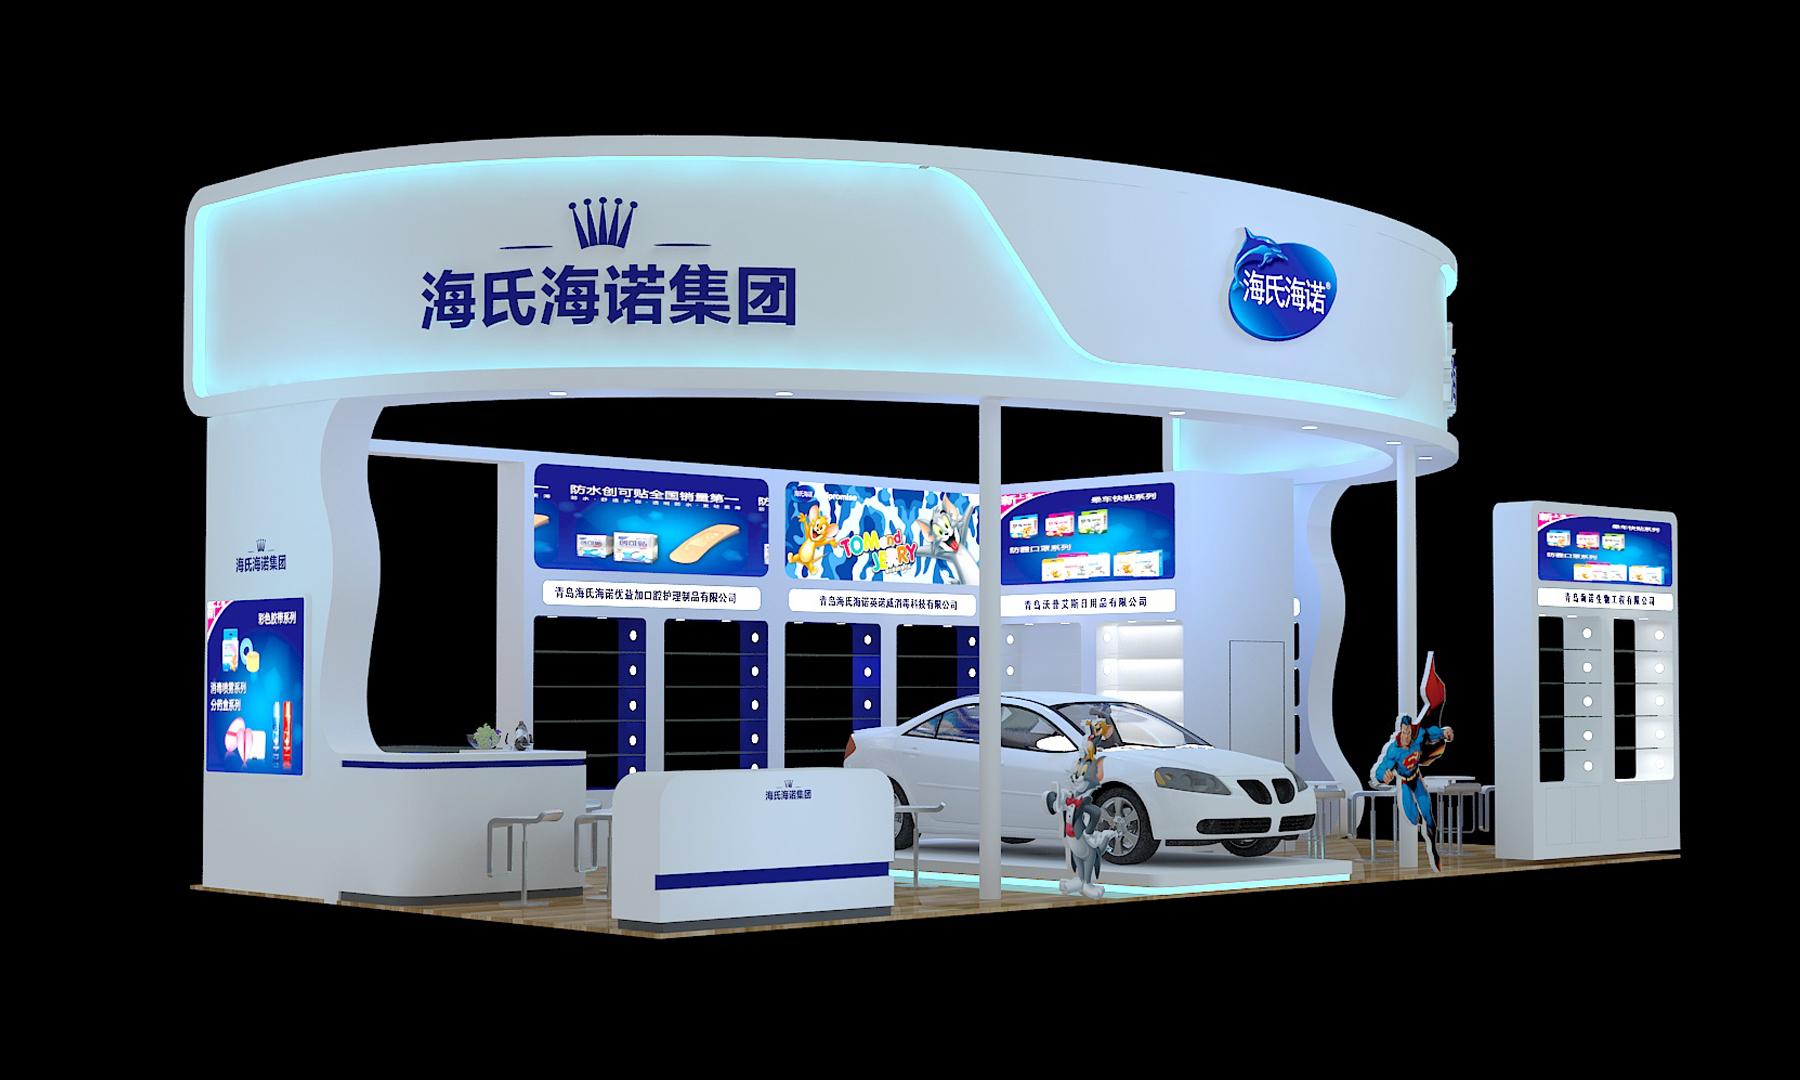 全国新特药品交易会展位设计搭建  海氏海诺